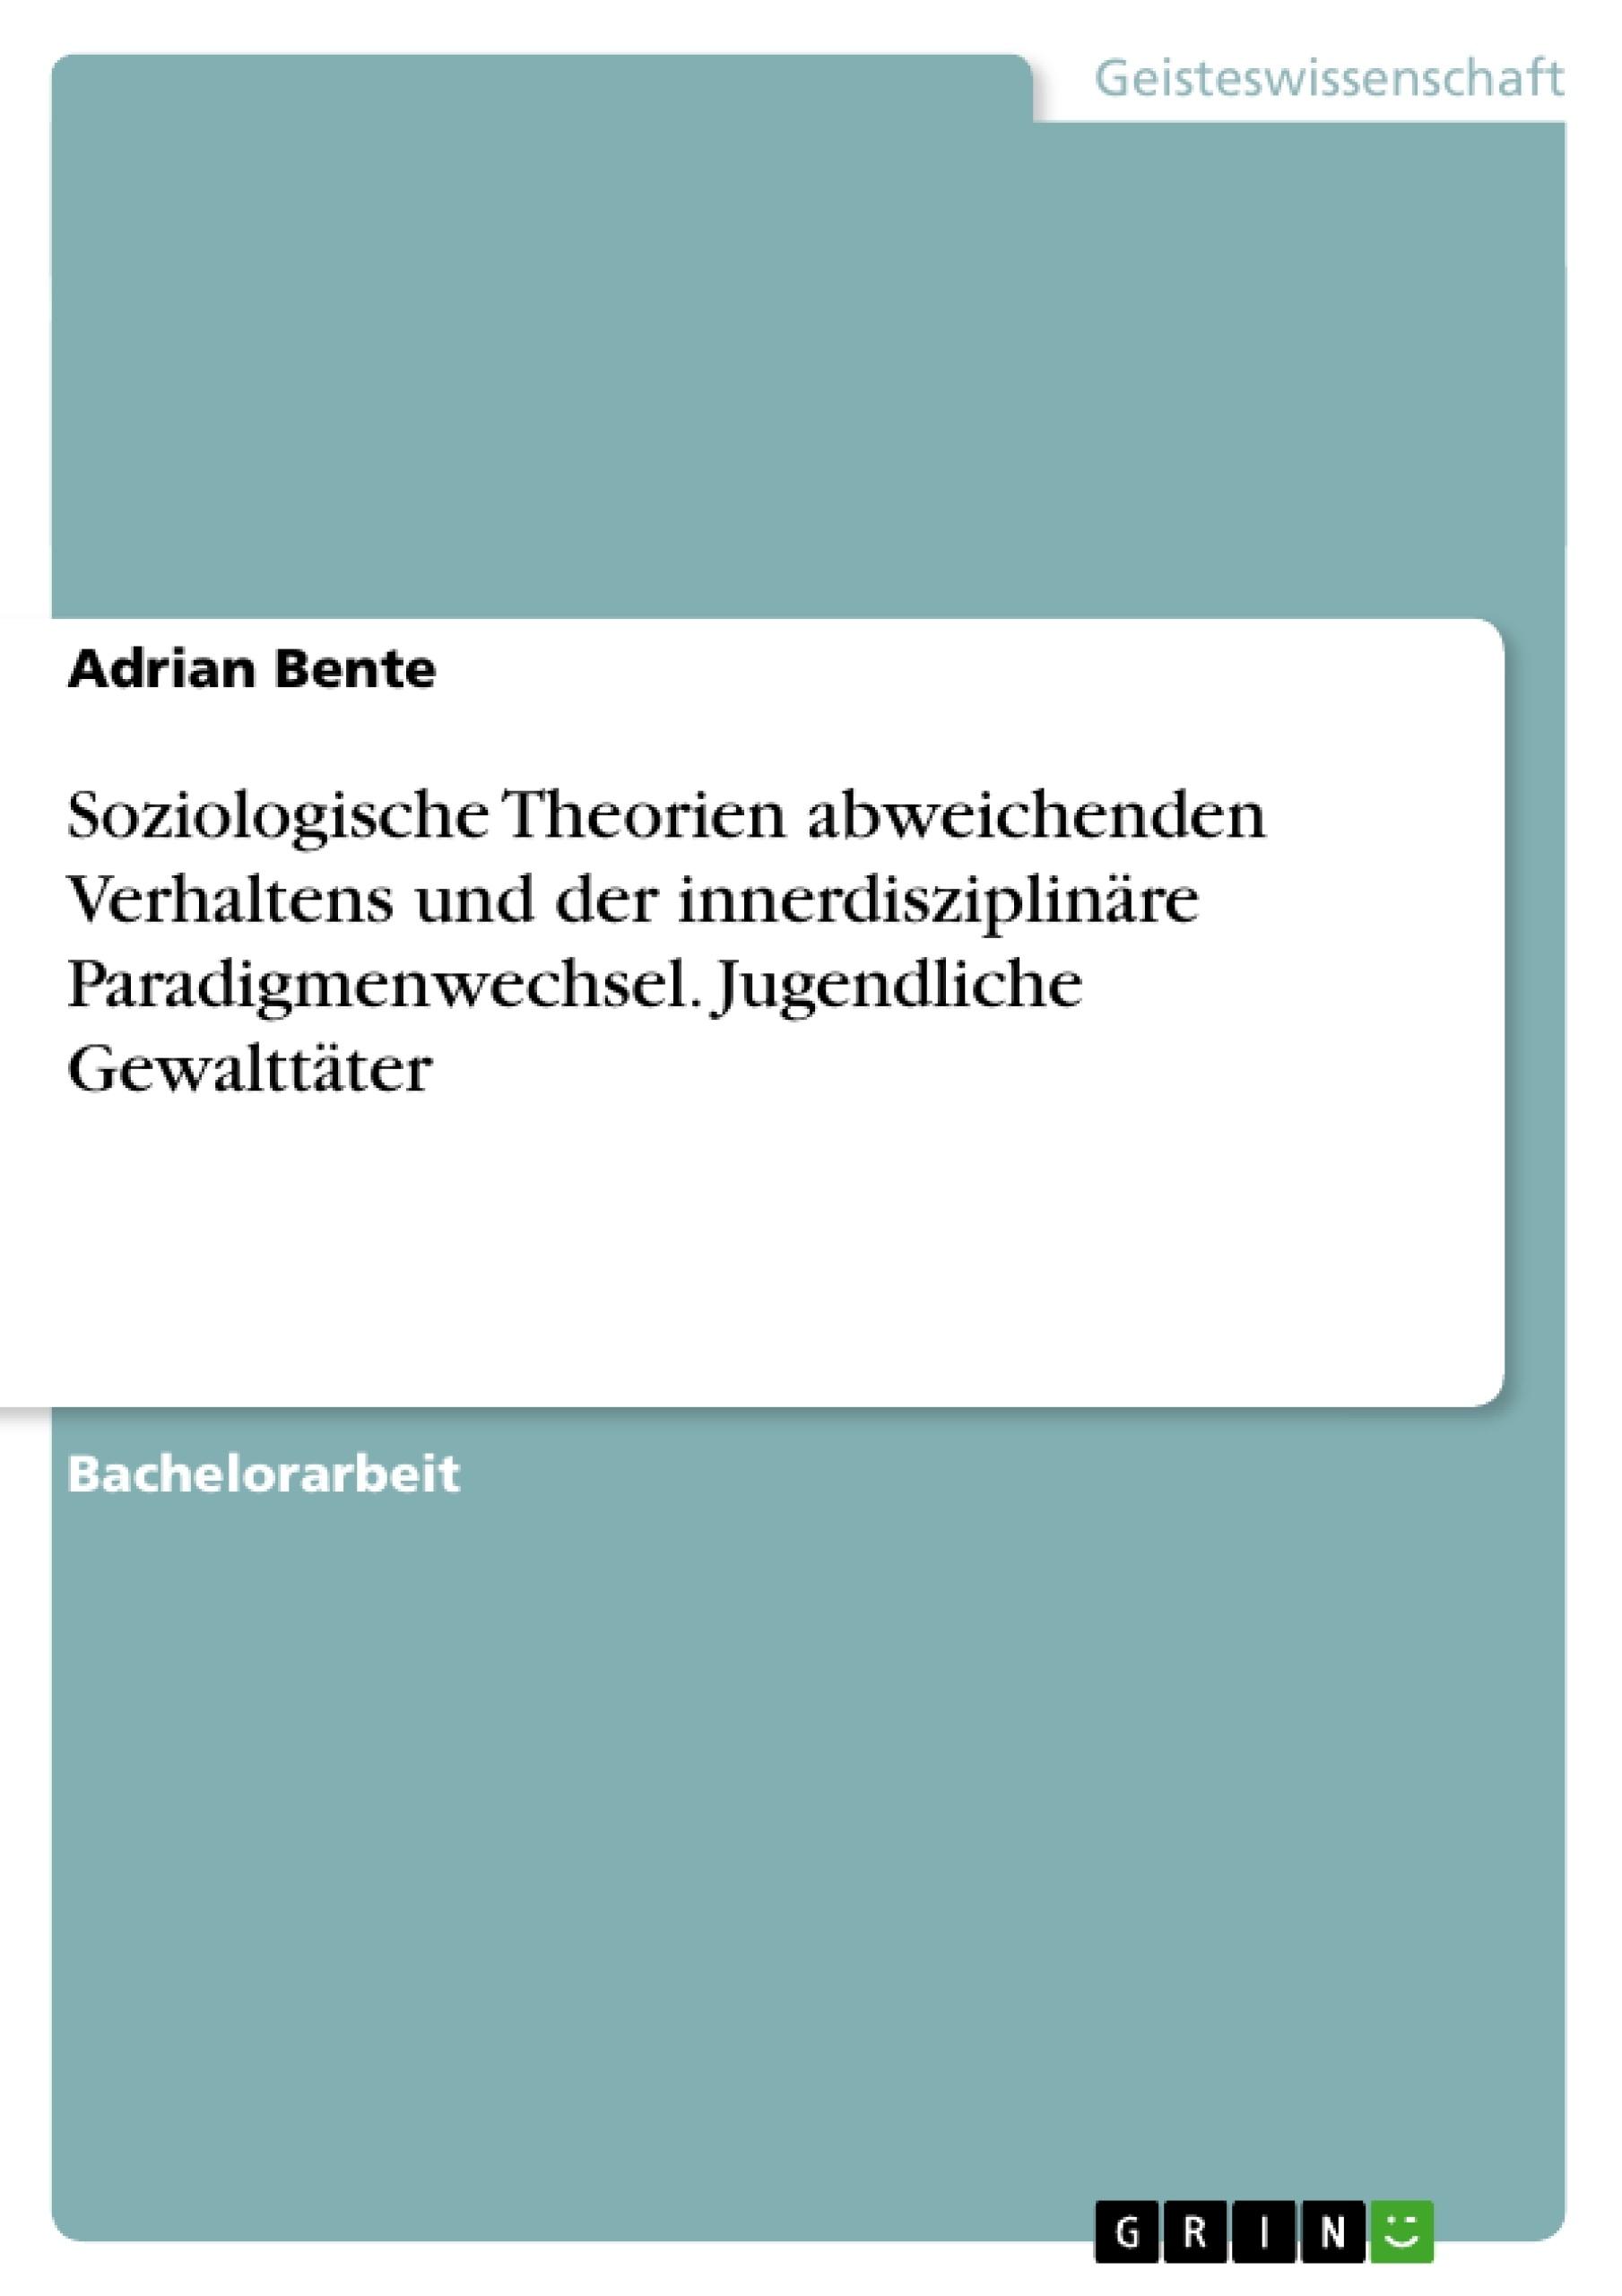 Titel: Soziologische Theorien abweichenden Verhaltens und der innerdisziplinäre Paradigmenwechsel. Jugendliche Gewalttäter